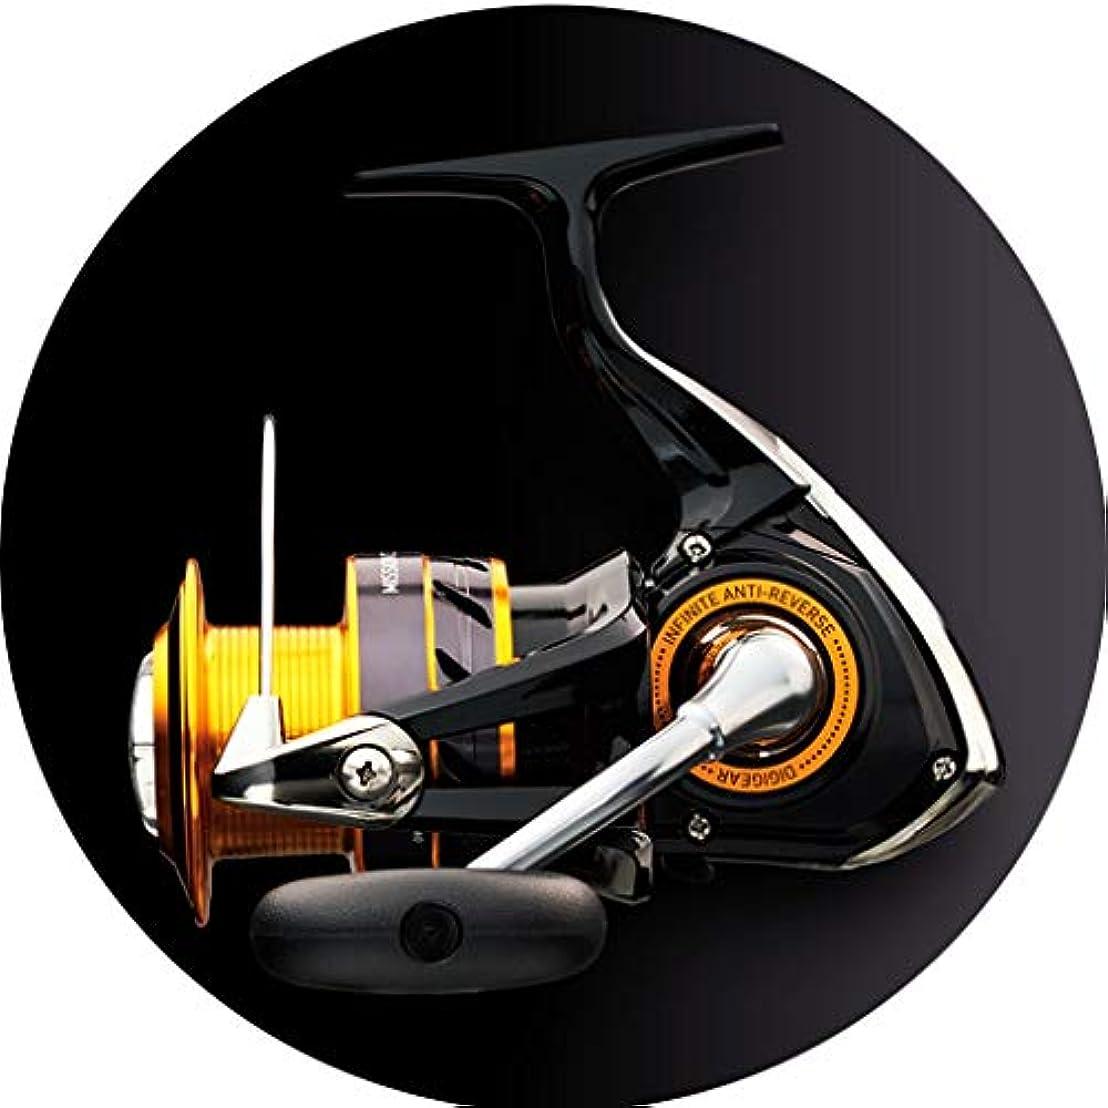 負荷腐敗したクアッガスピニングリール 釣りリール釣りリールスピニングスプールは磁気ブレーキシステムを持っています強い耐食性金属海水餌スプールギフト